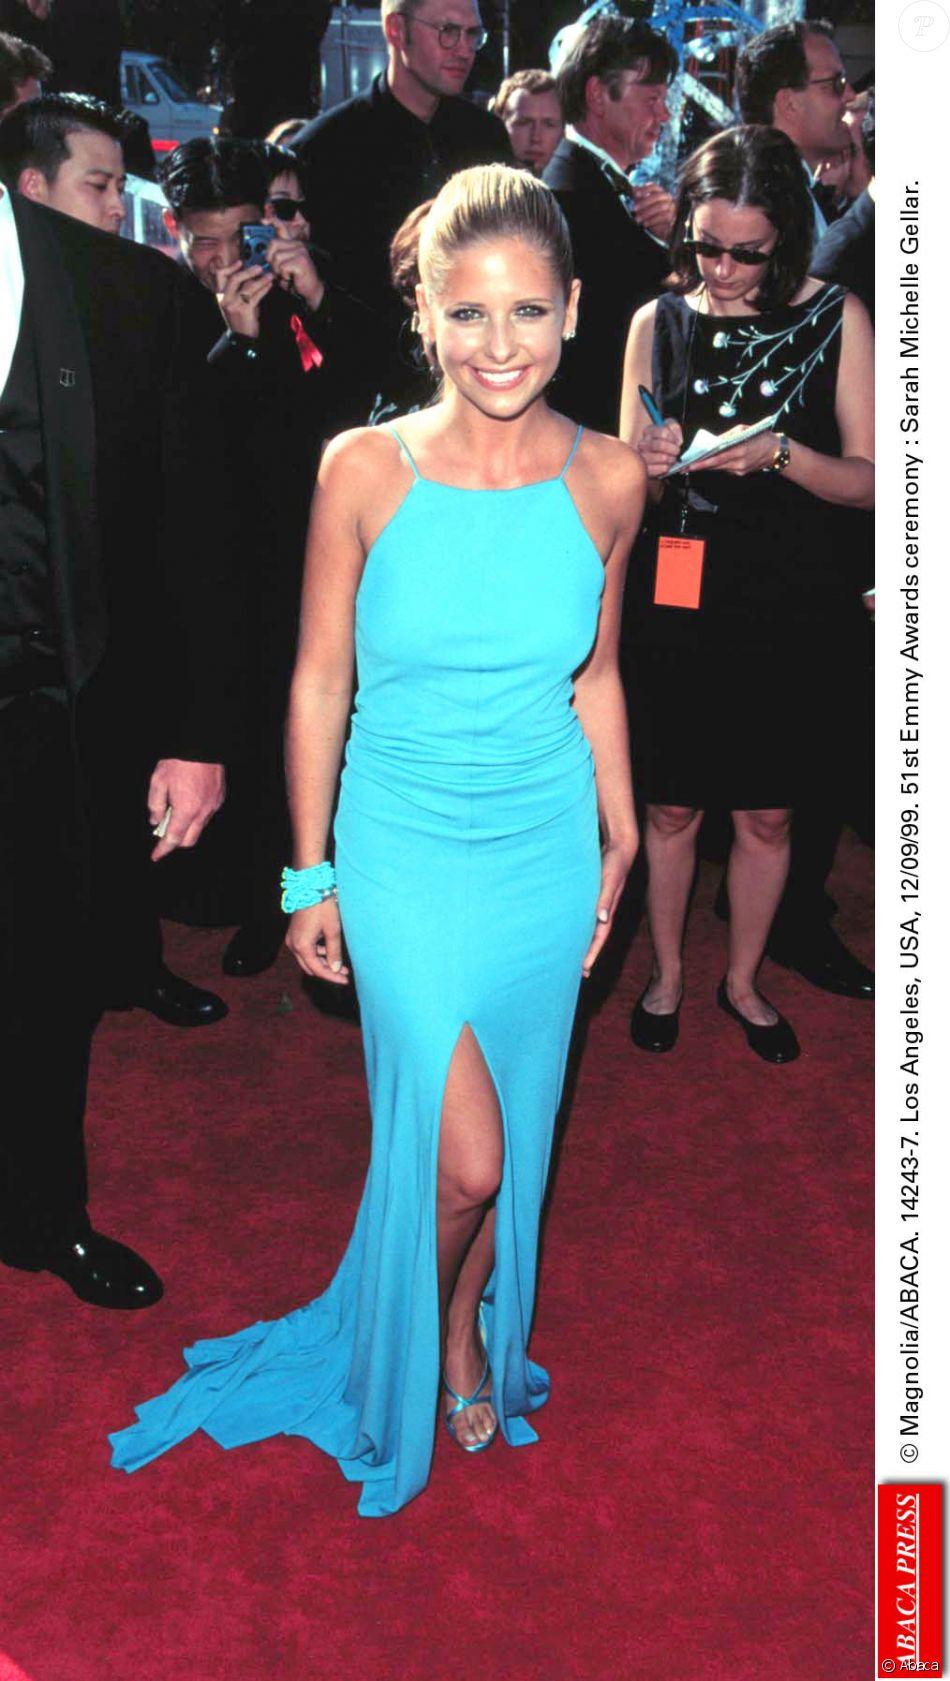 Sarah Michelle Gellar à la 51e cérémonie des Emmy Awards, le 12 septembre 1999 à Los Angeles